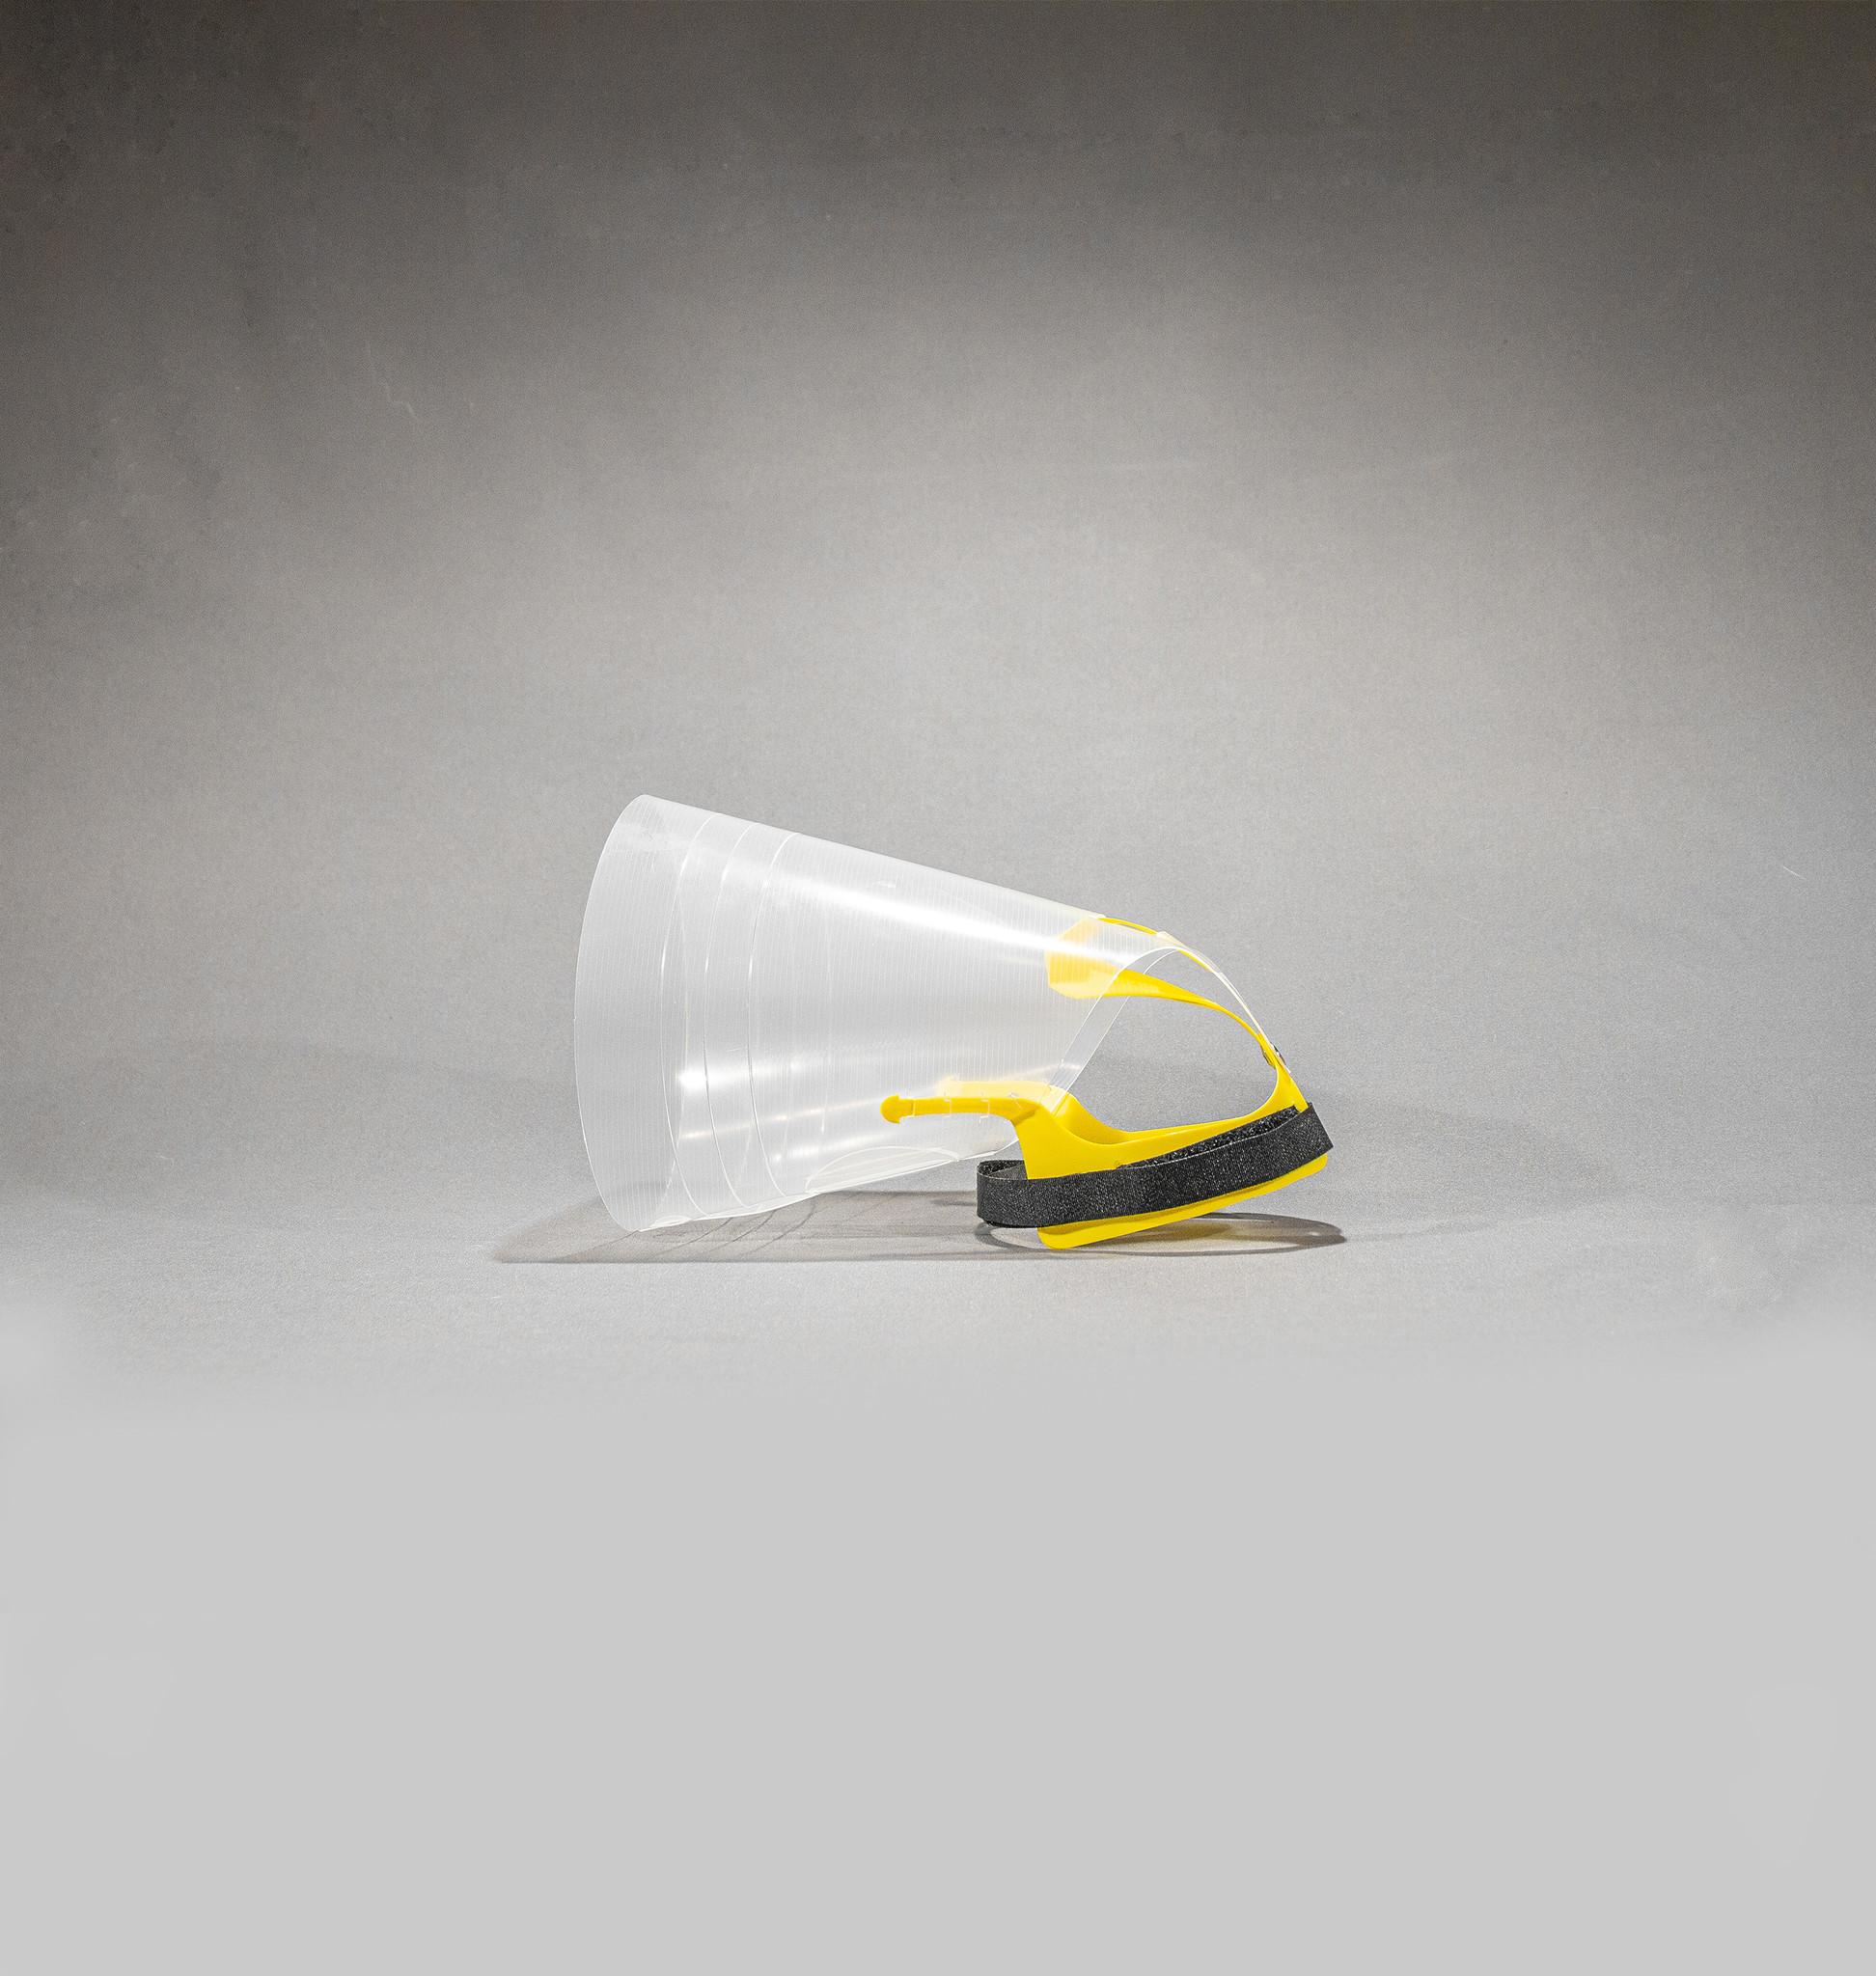 NOVAGUARD Protection à lécher NOVAGUARD PN404, taille : extra-petite, couleur : jaune